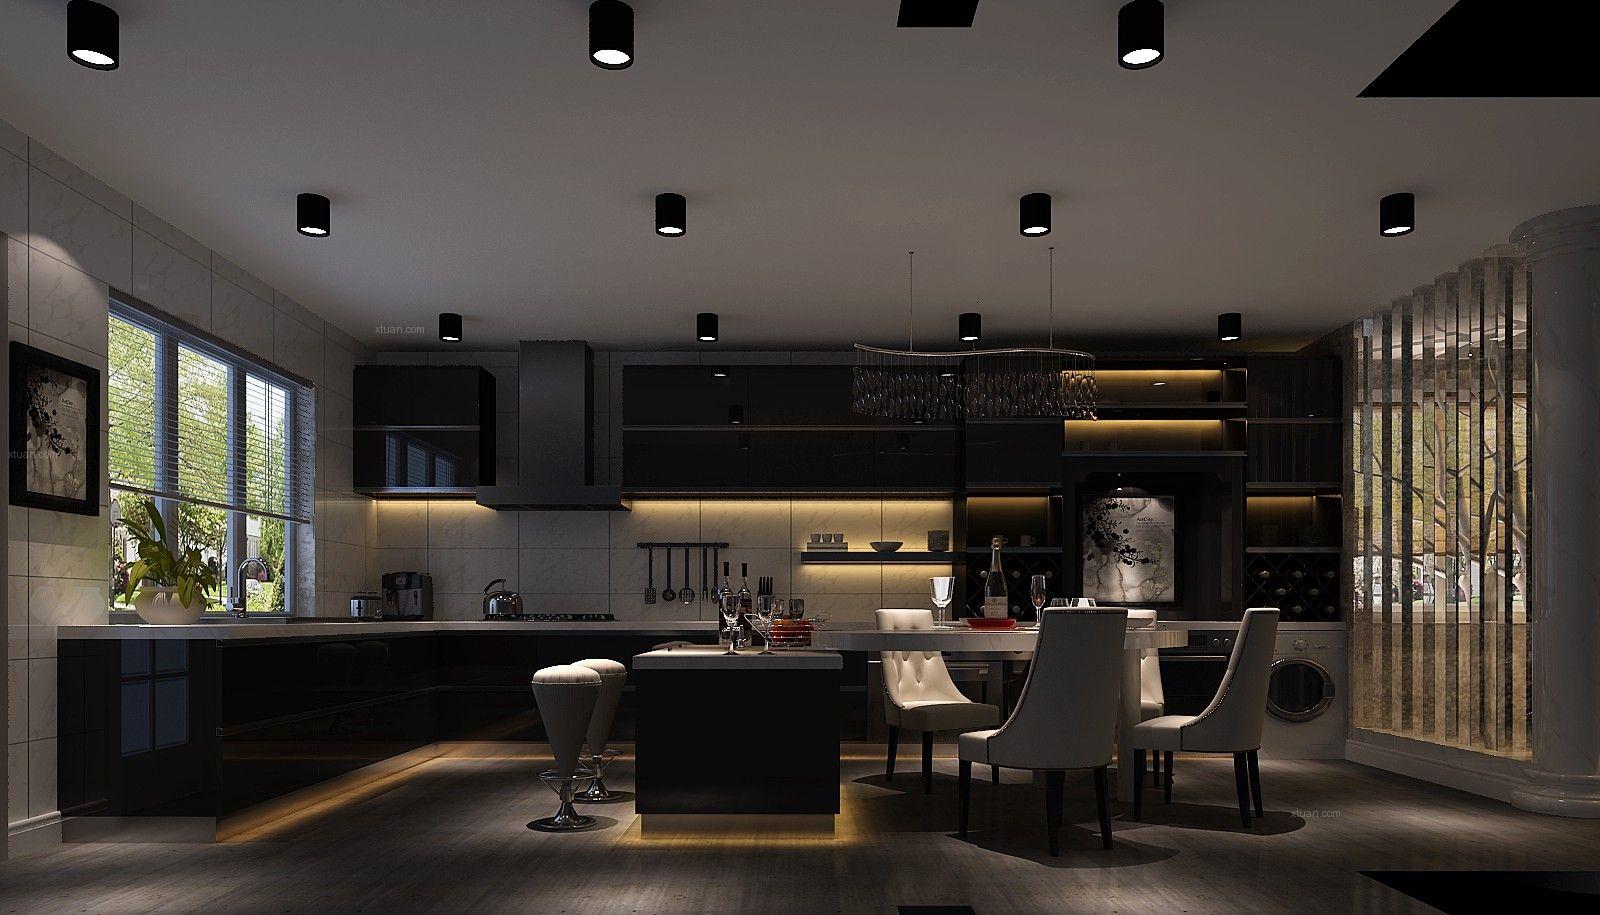 别墅现代风格餐厅厨具